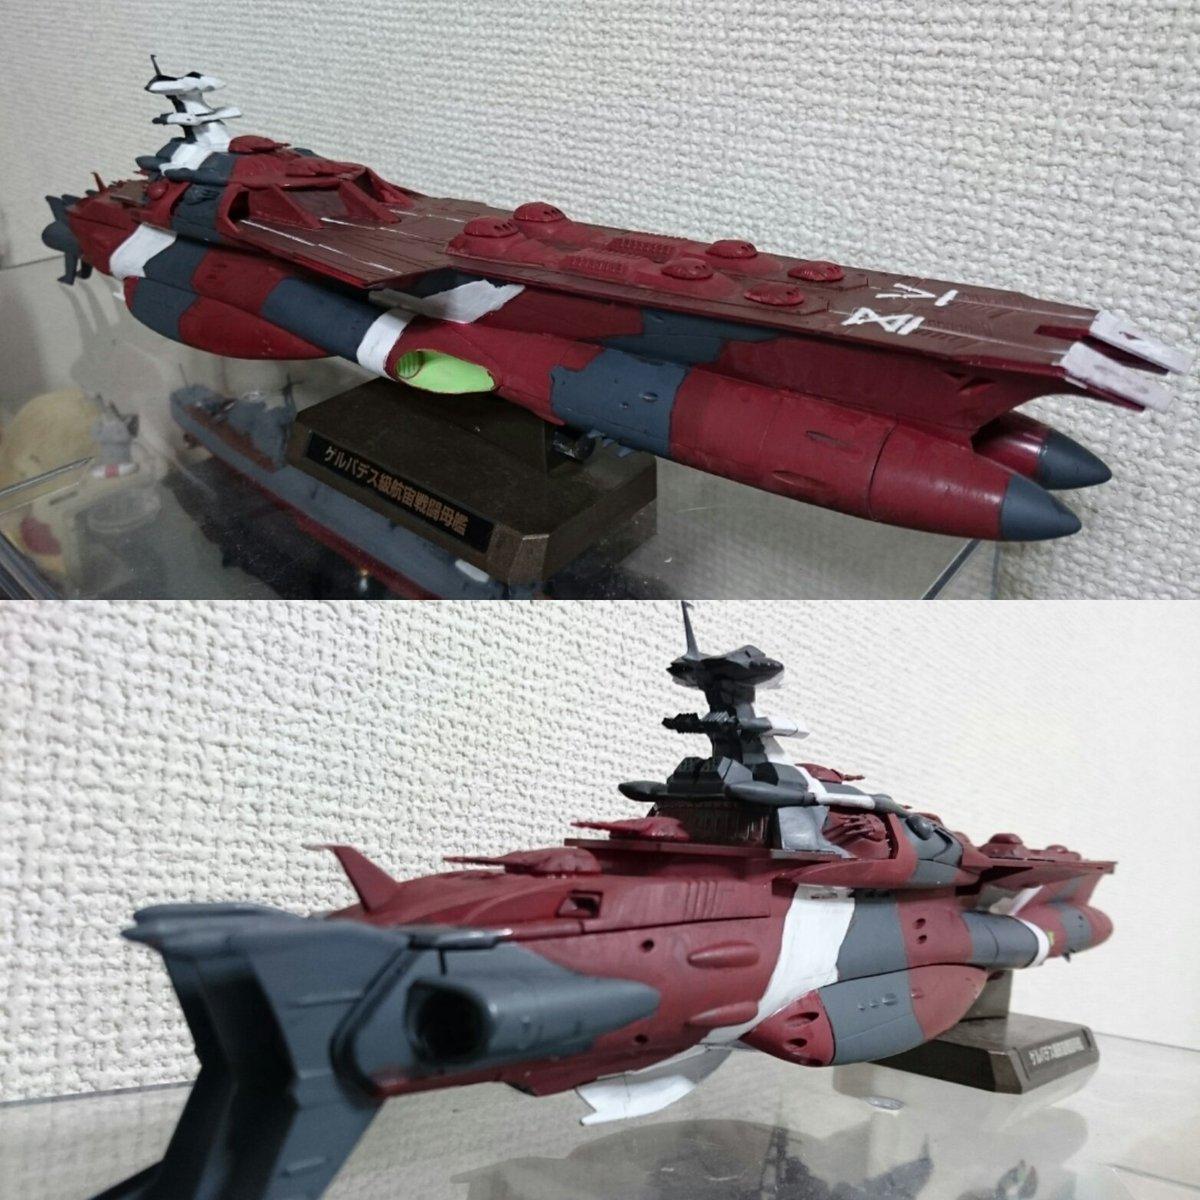 ヤバイ!(;゜゜)あまり出来は良くないのだが、ミランガルはやっぱりえぇわぁ…。(*´ー`*)#宇宙戦艦ヤマト2199#ガ